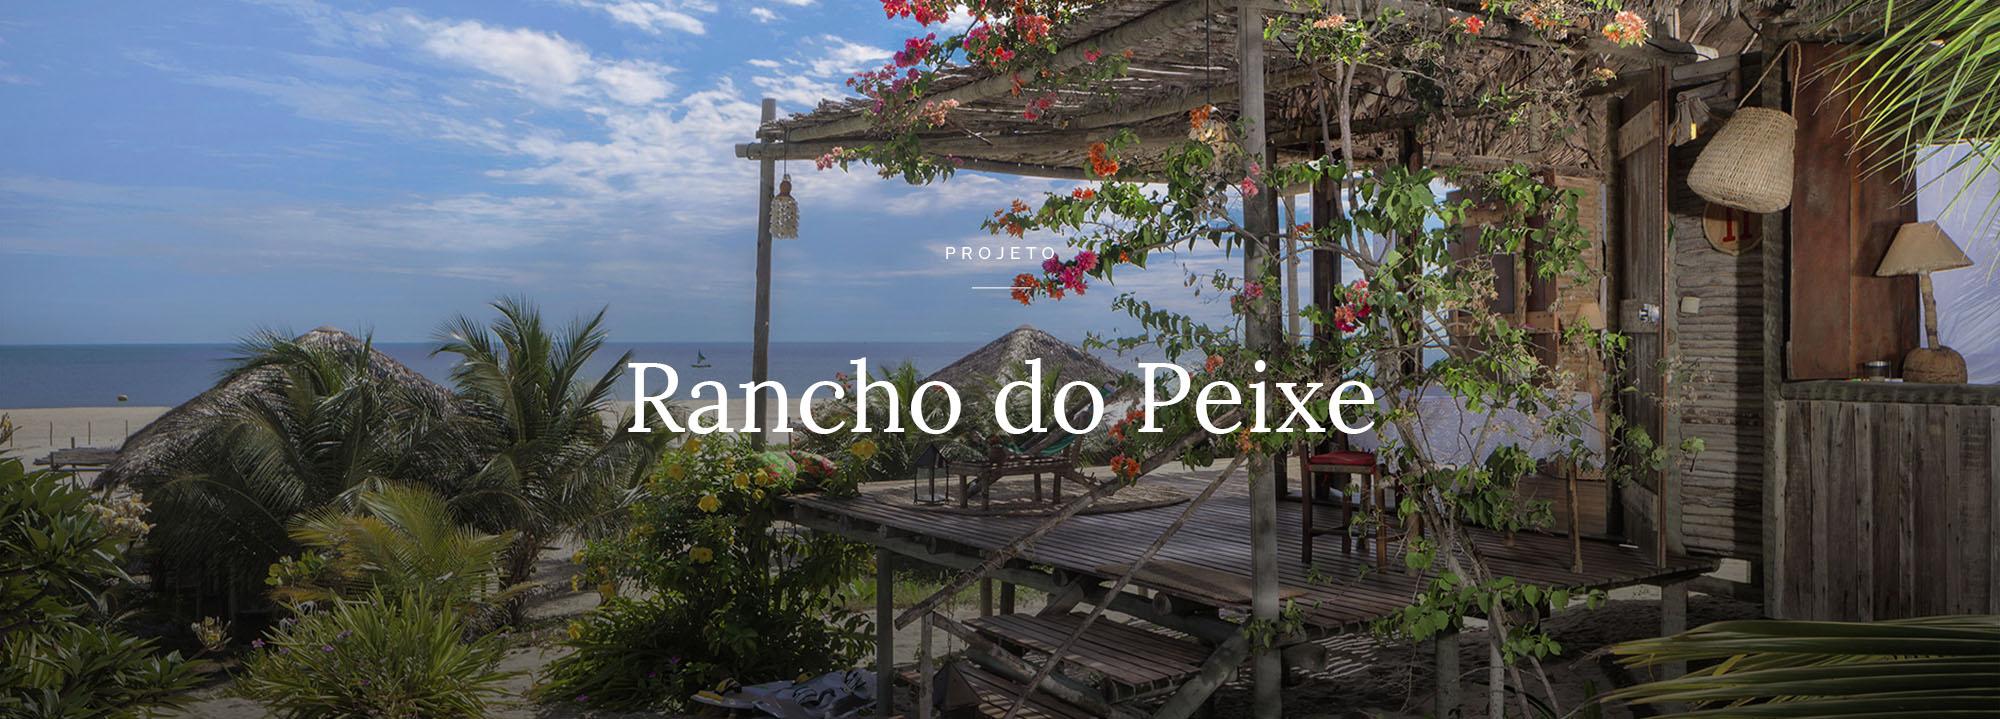 RanchodoPeixe